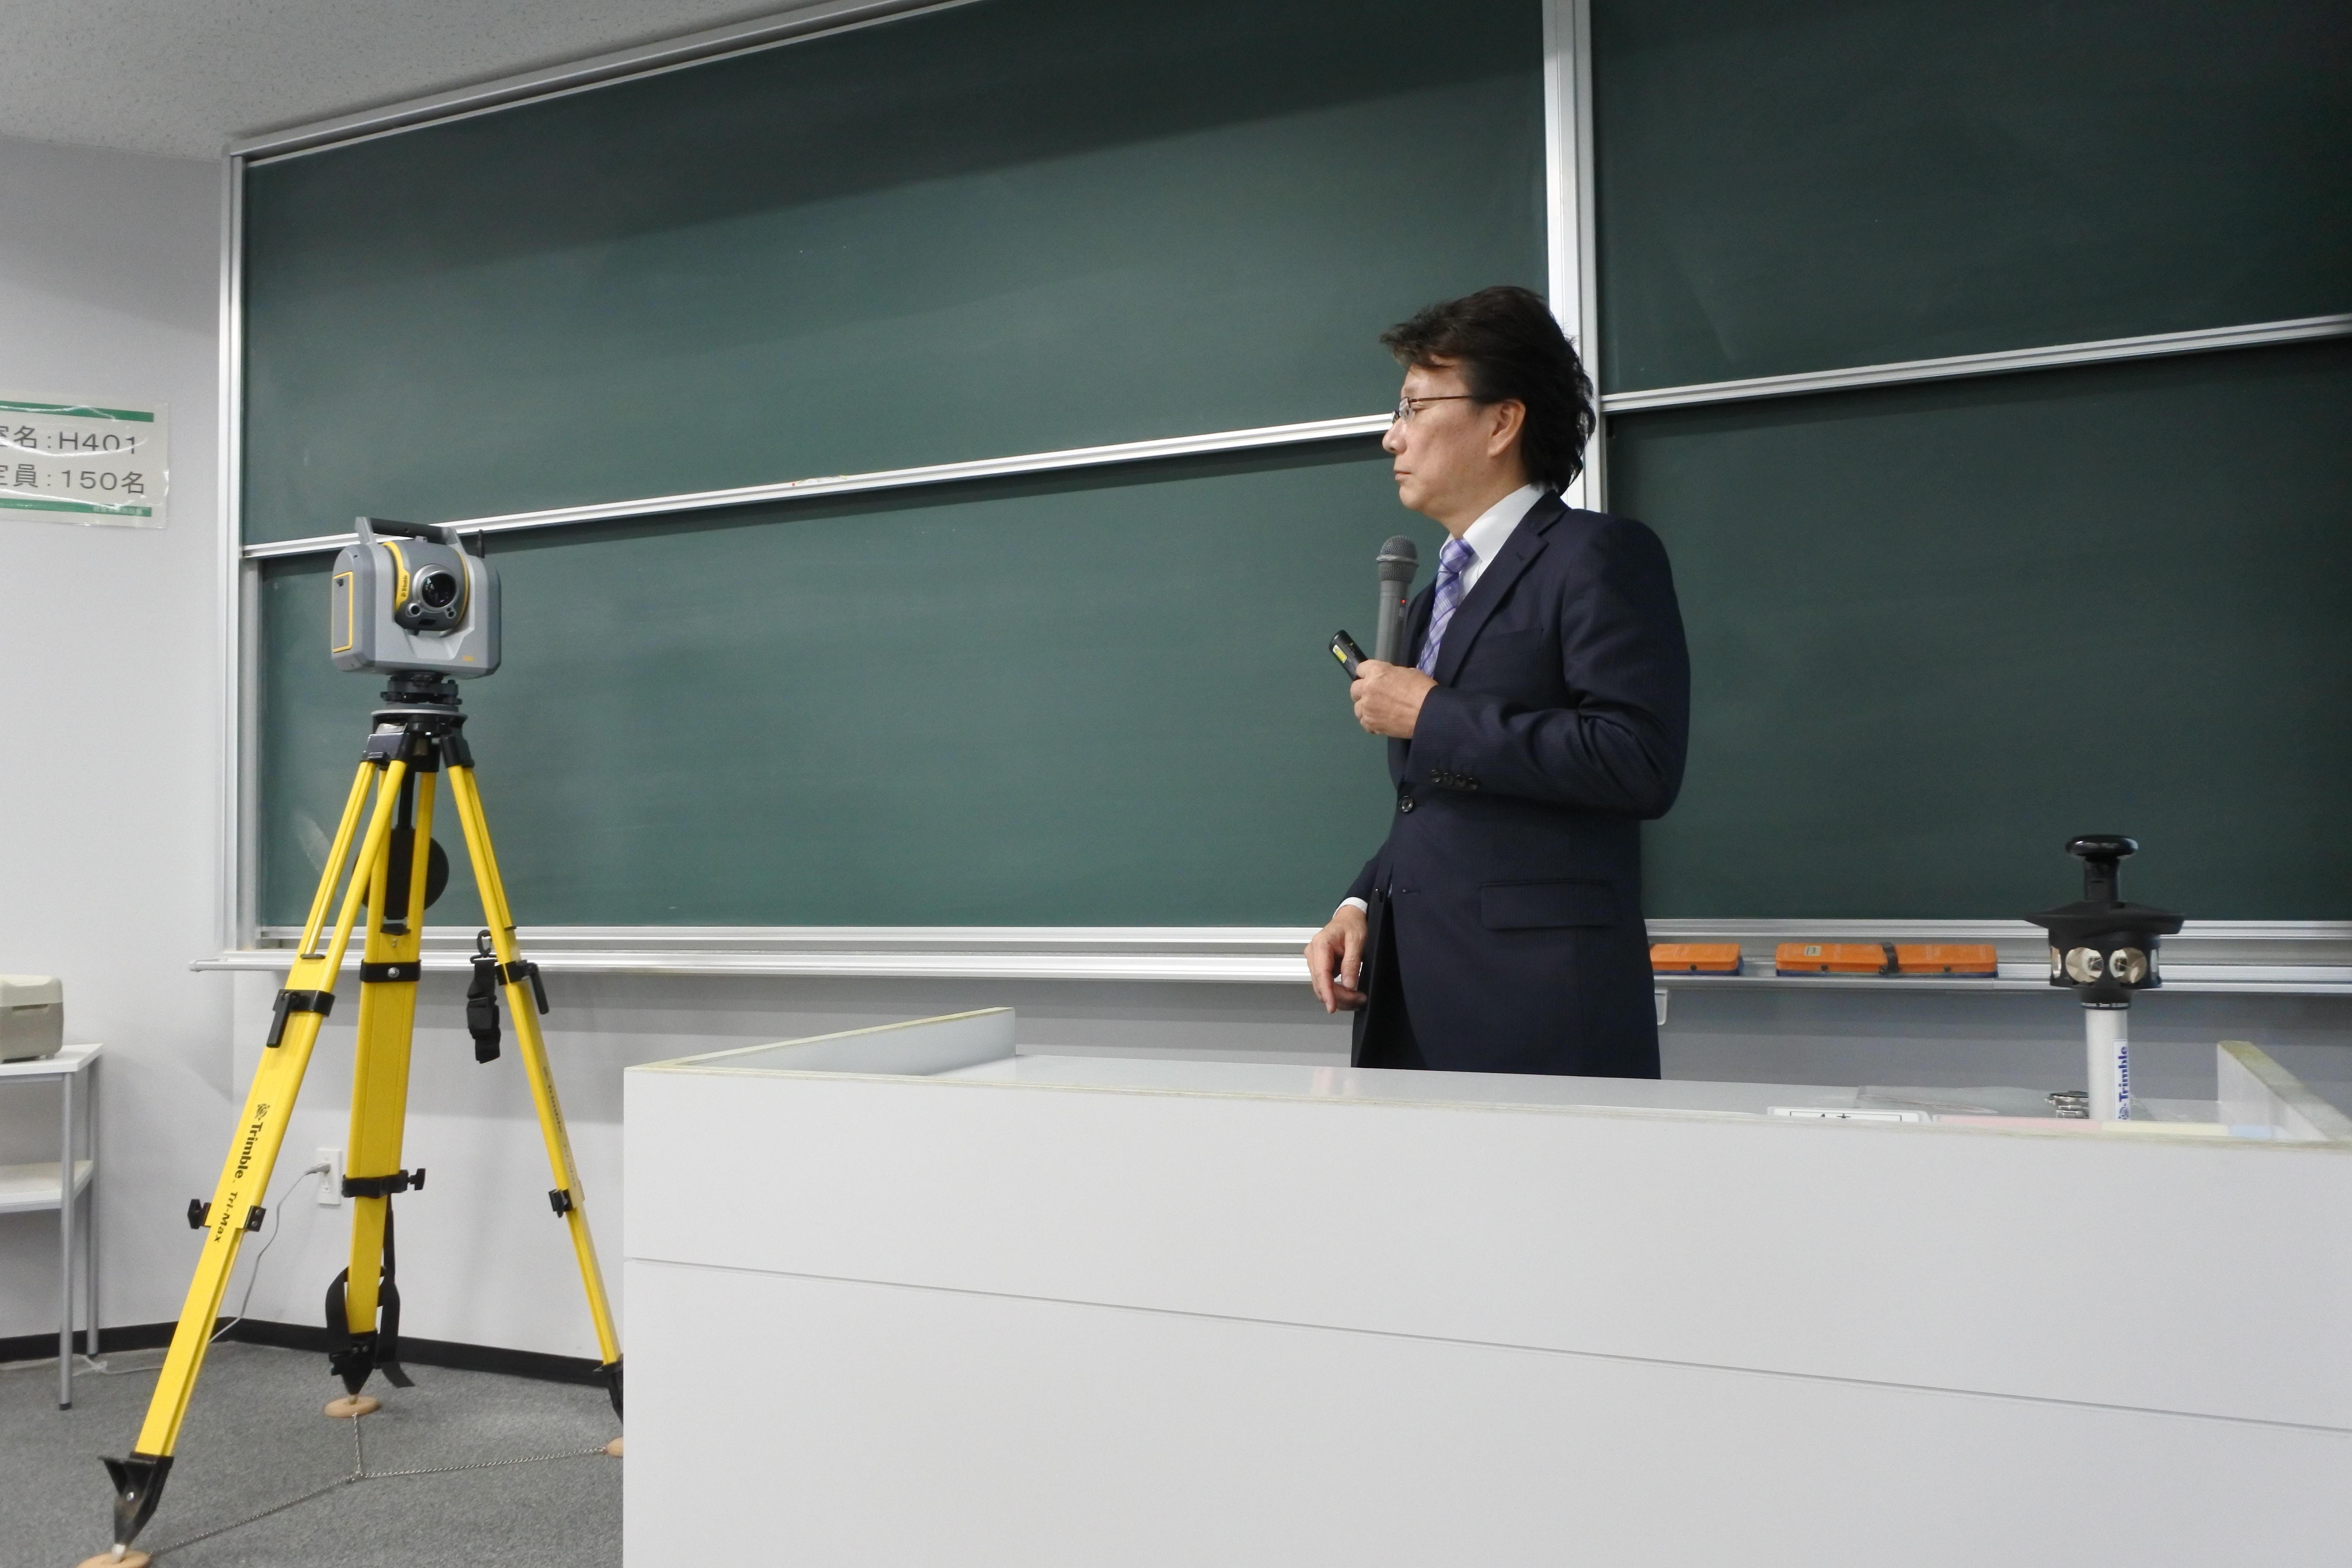 レーザースキャナー(左)の効用を説明する鈴木勇治トレーニングスペシャリスト